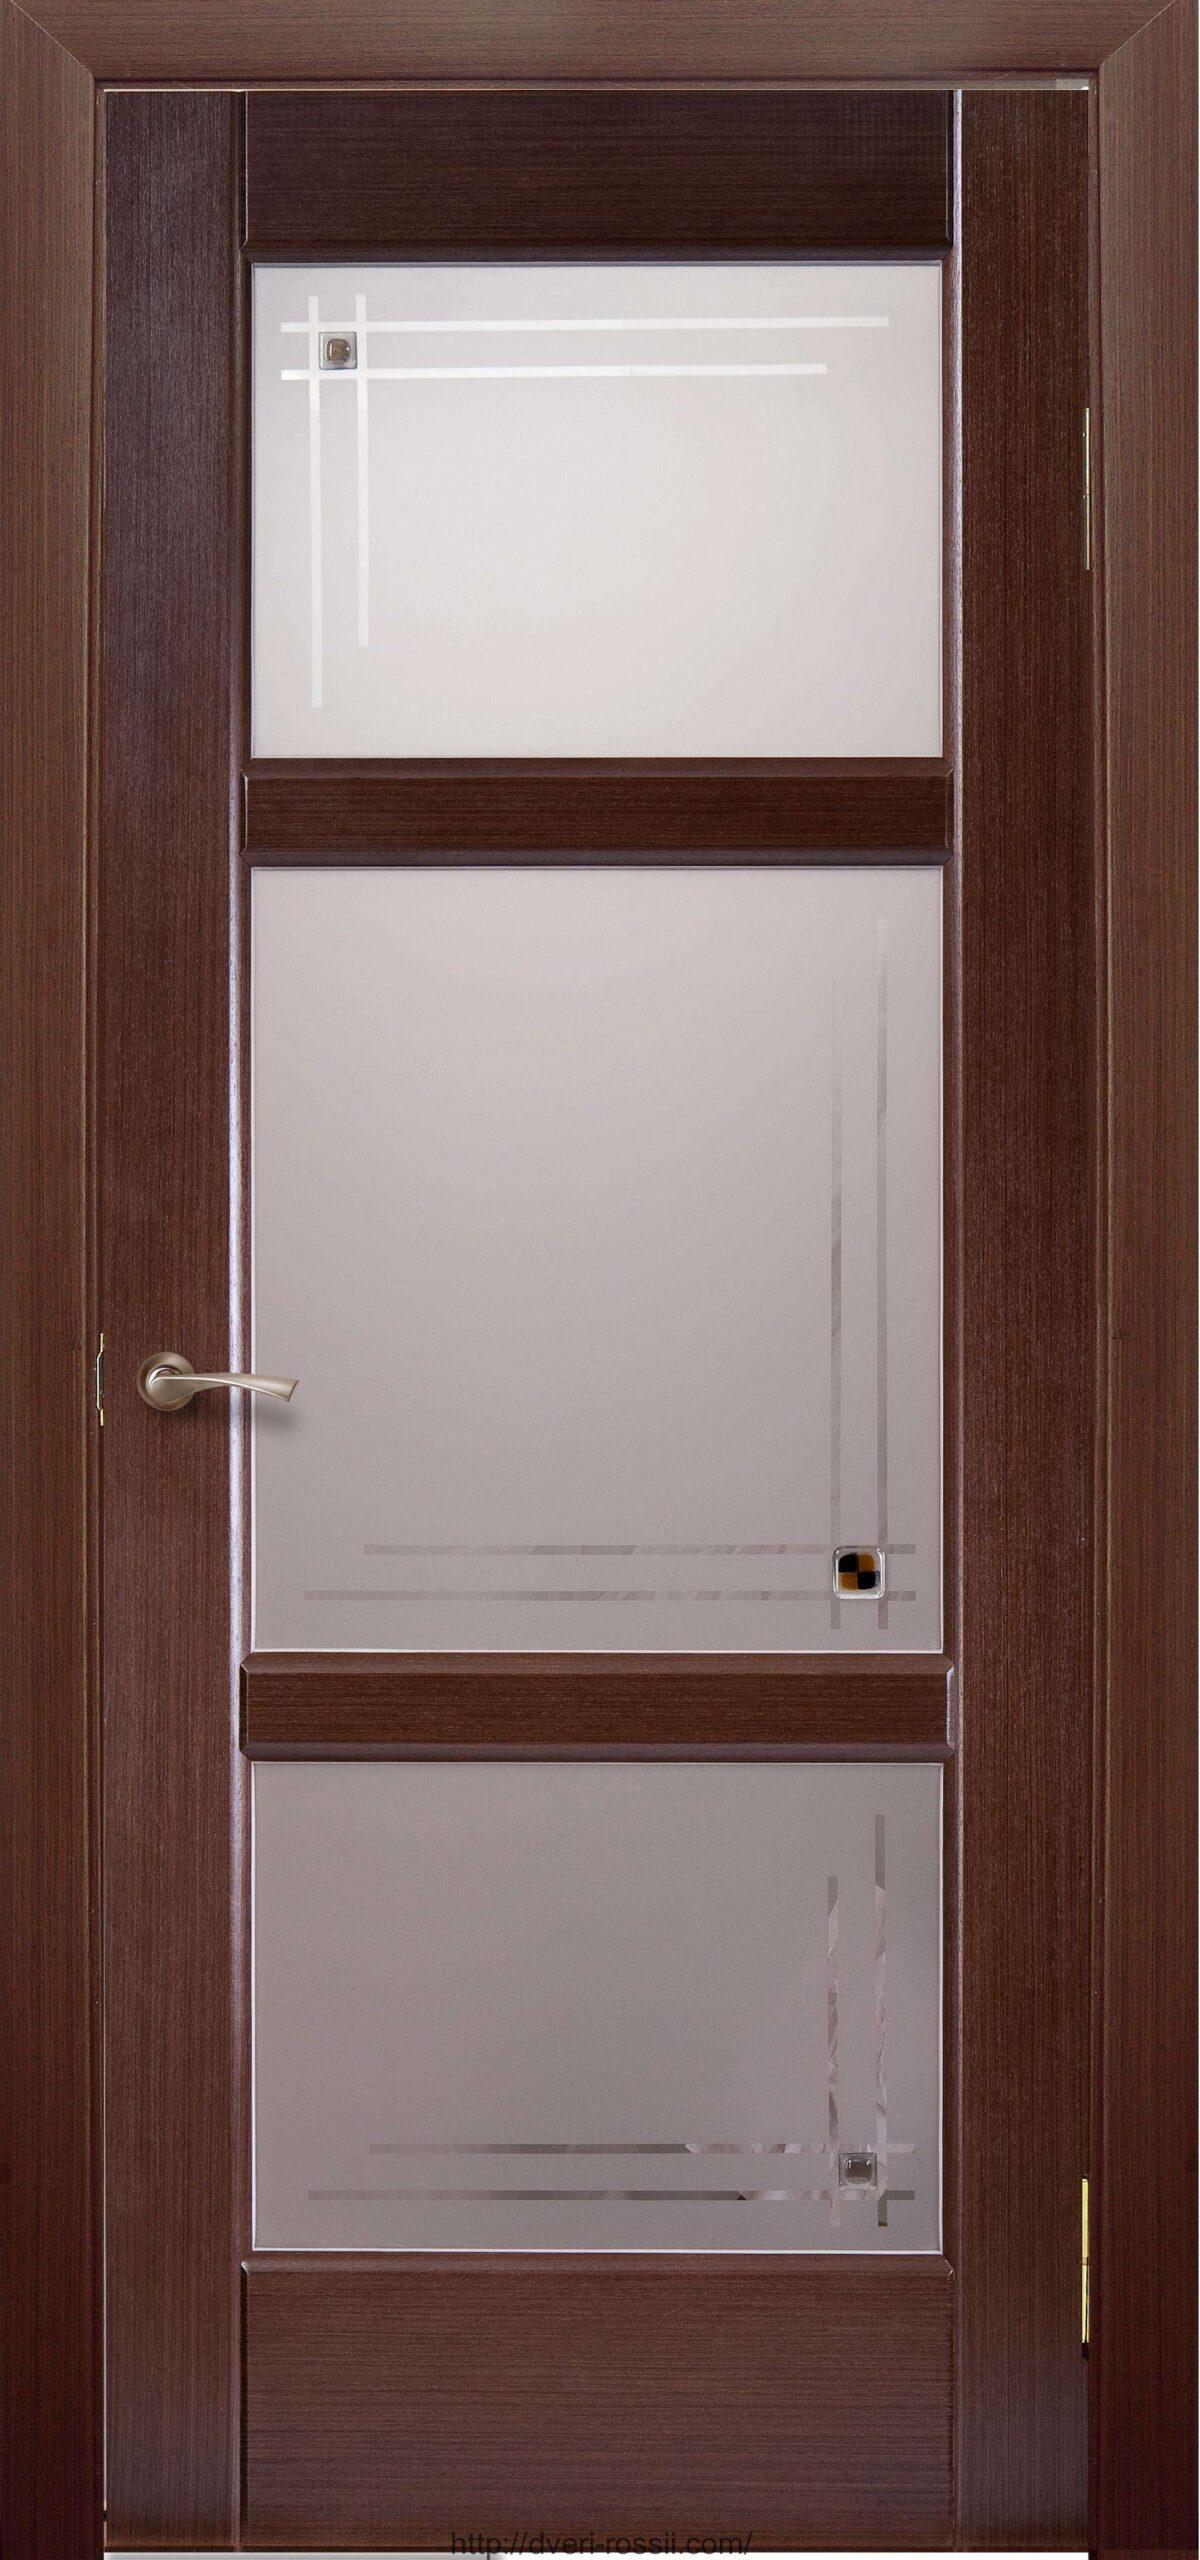 Купить двери межкомнатные фабрики Терминус